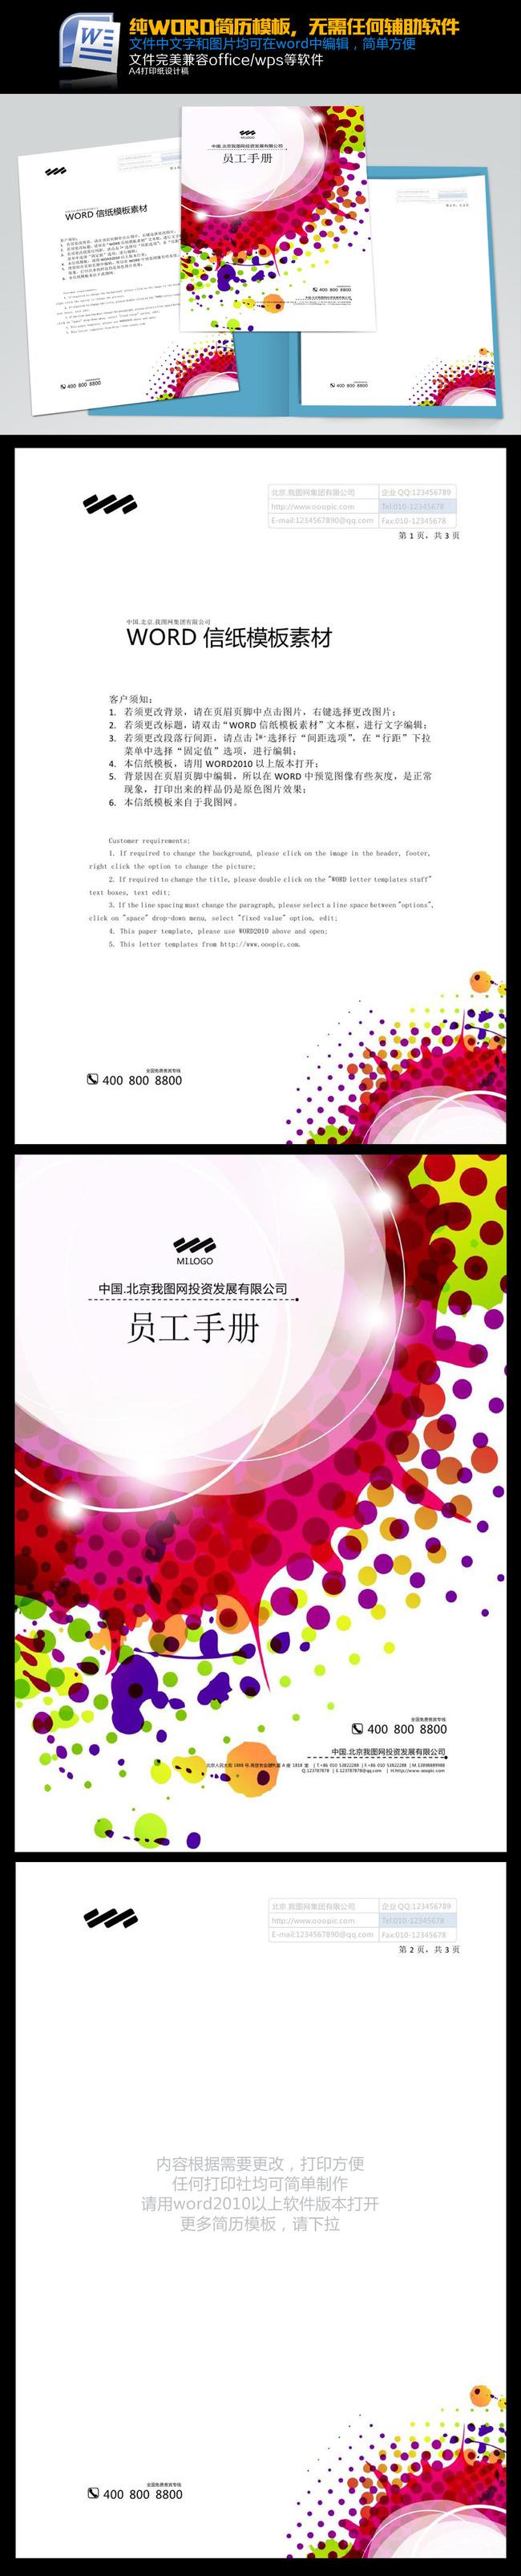 科技餐饮地产商场word信纸背景模板下载图片